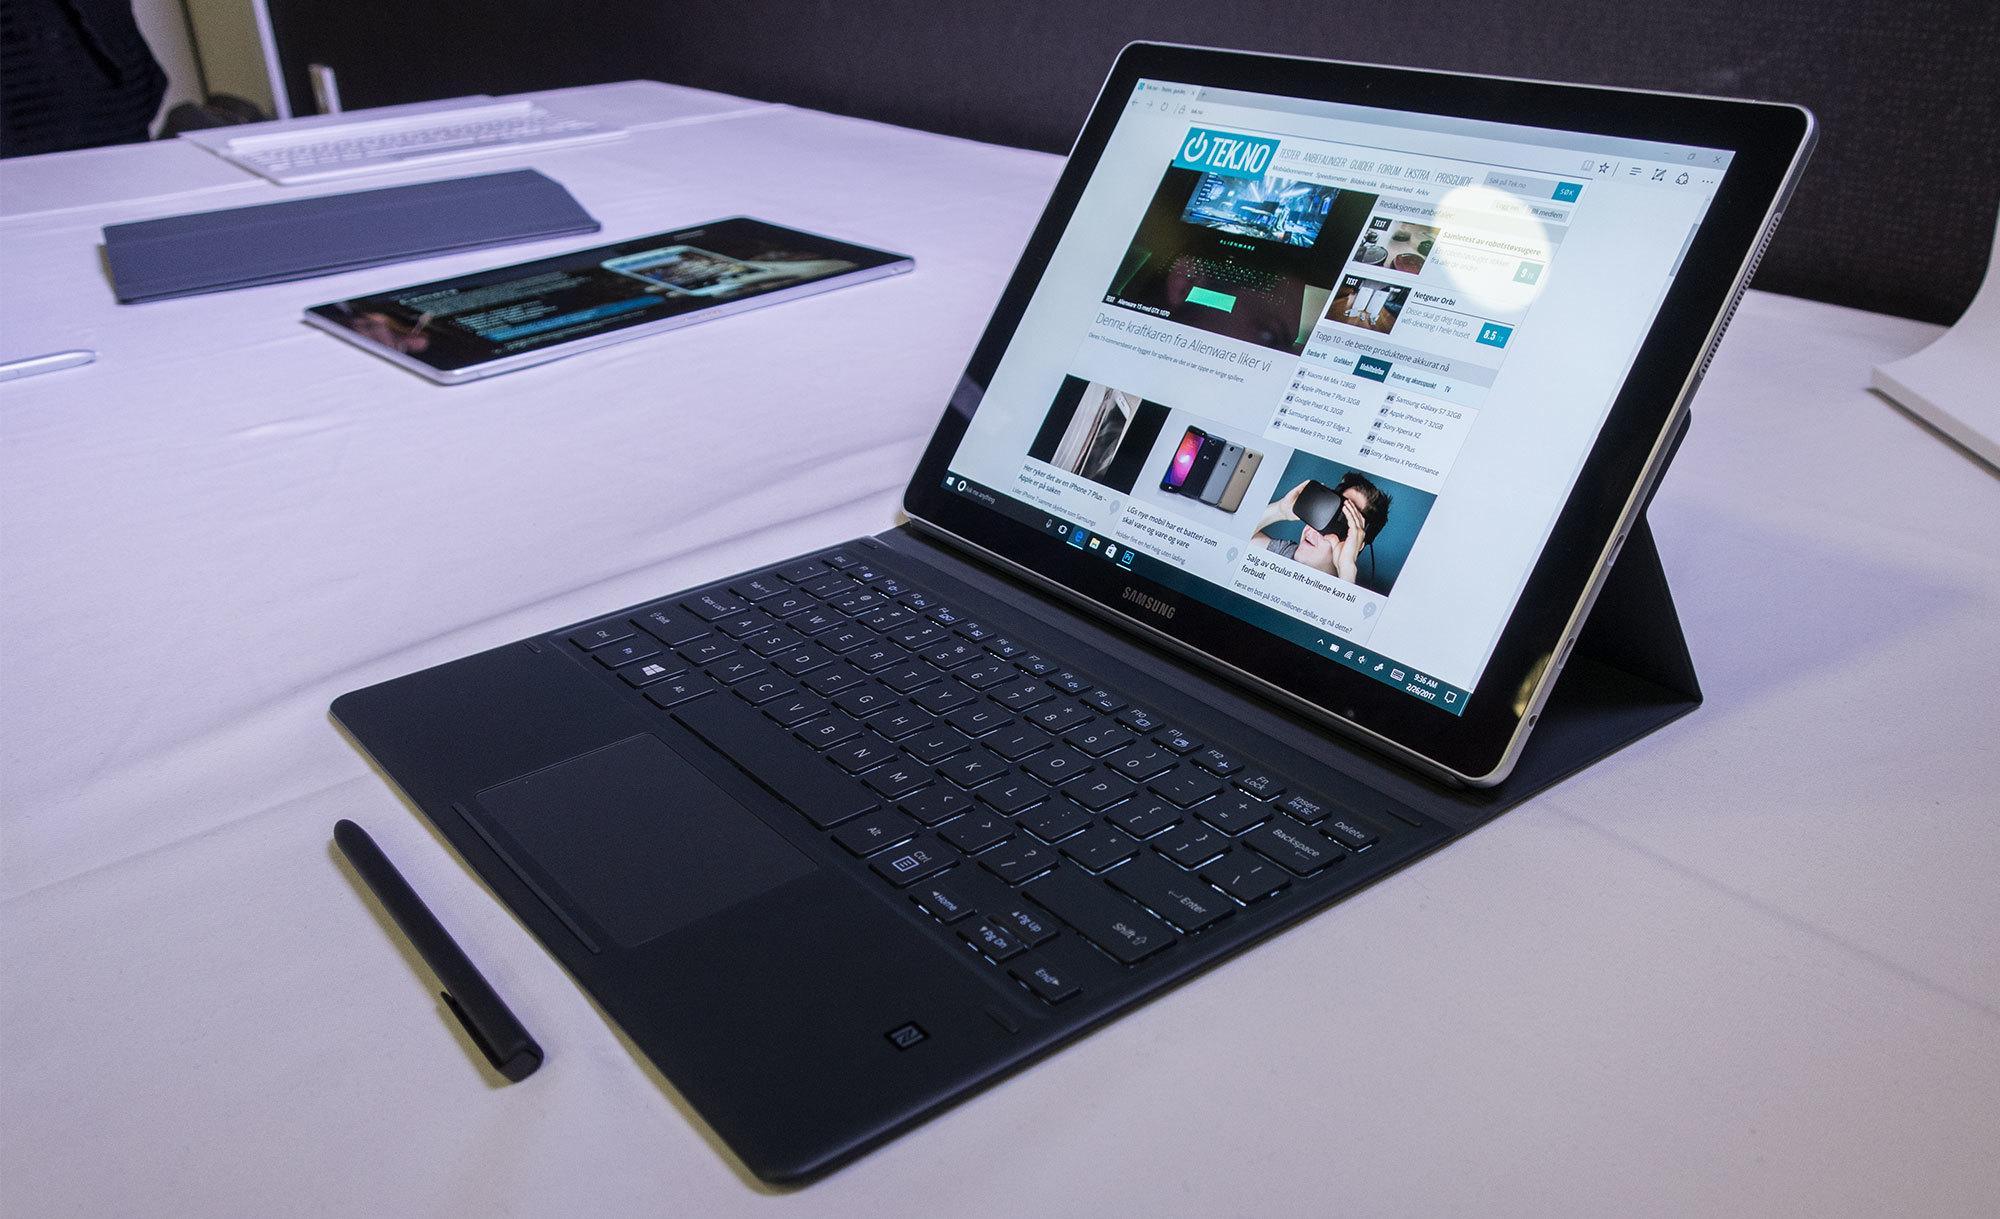 Skjermen kan settes i flere forskjellige vinkler, slik at den føles mer ut som en vanlig bærbar PC når du skriver.